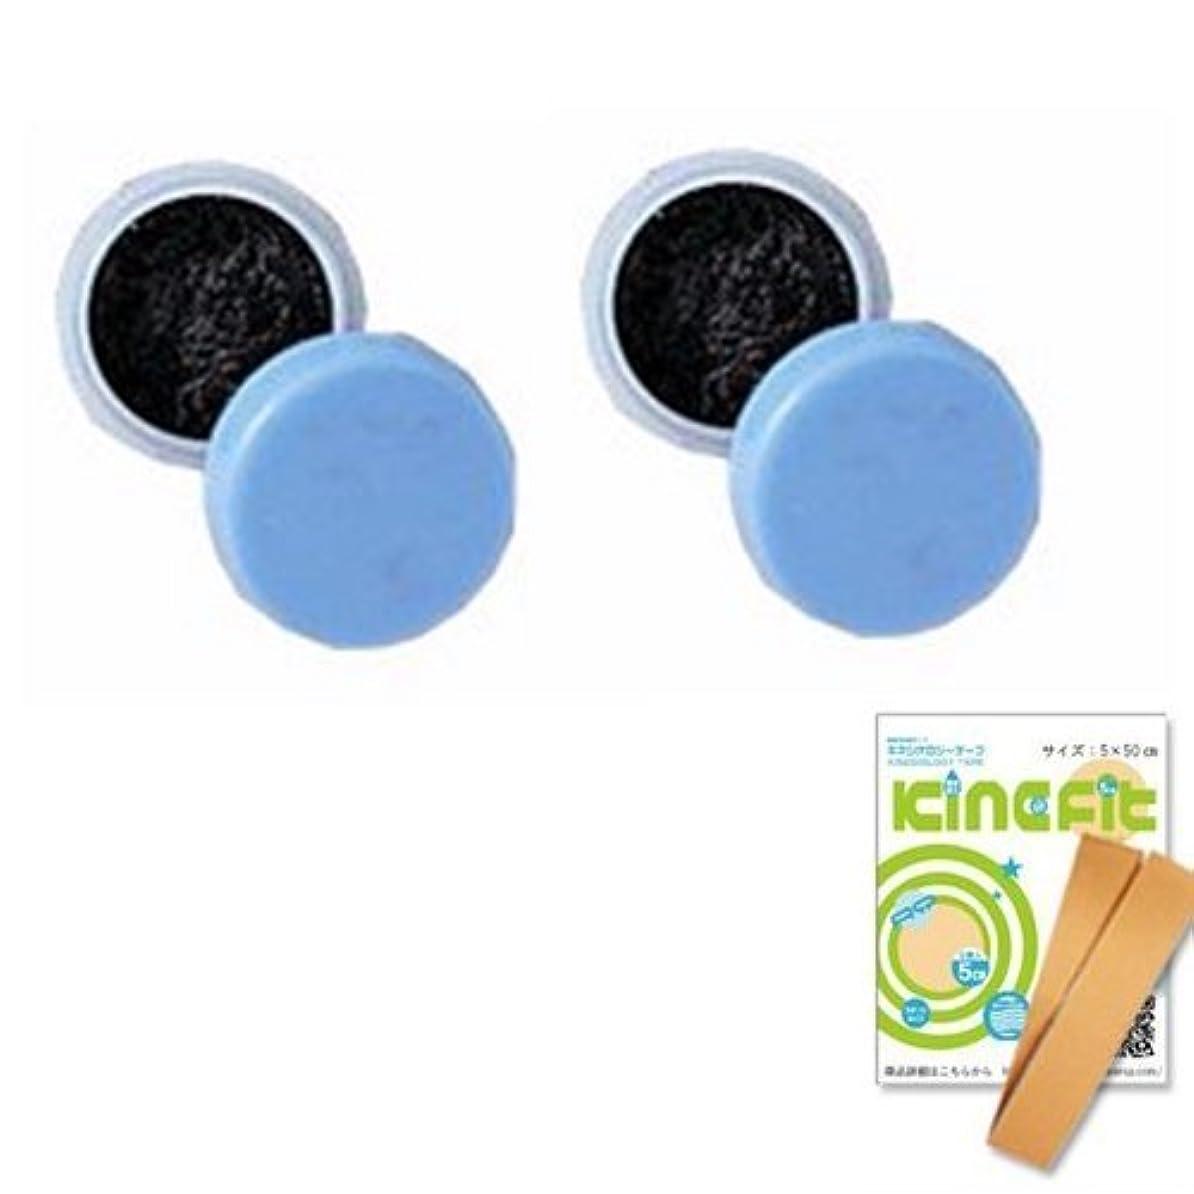 家主アピール未使用灸点スミ(SO-227)×2個セット + お試し用キネシオロジーテープ キネフィット50cm セット ※灸点棒は含まれません。